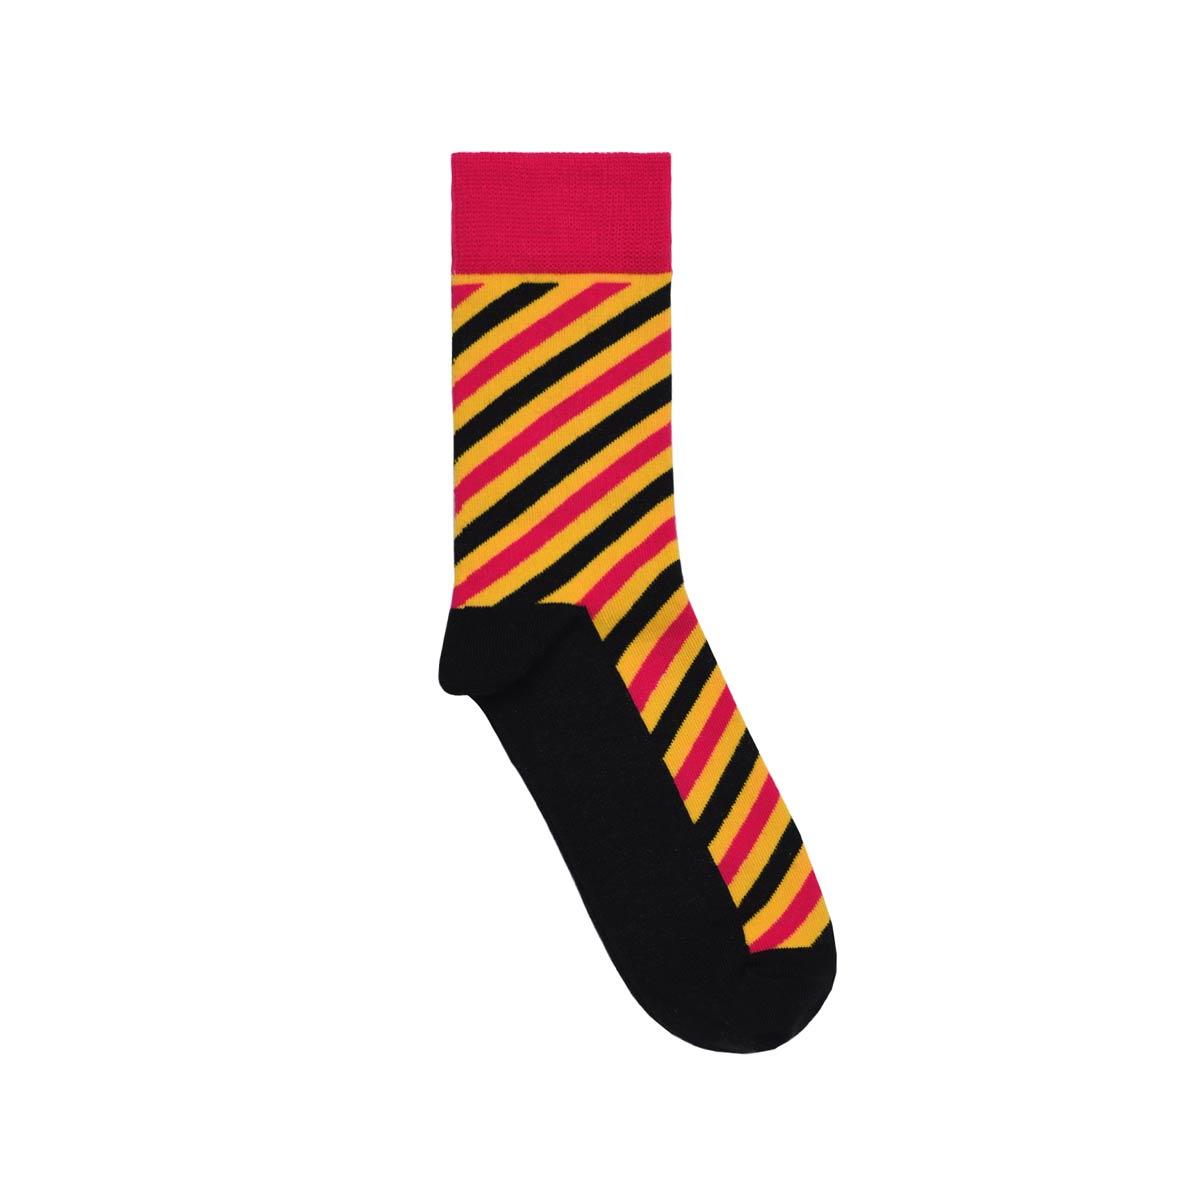 CH-00753-A12-chaussettes-femme-allemagne